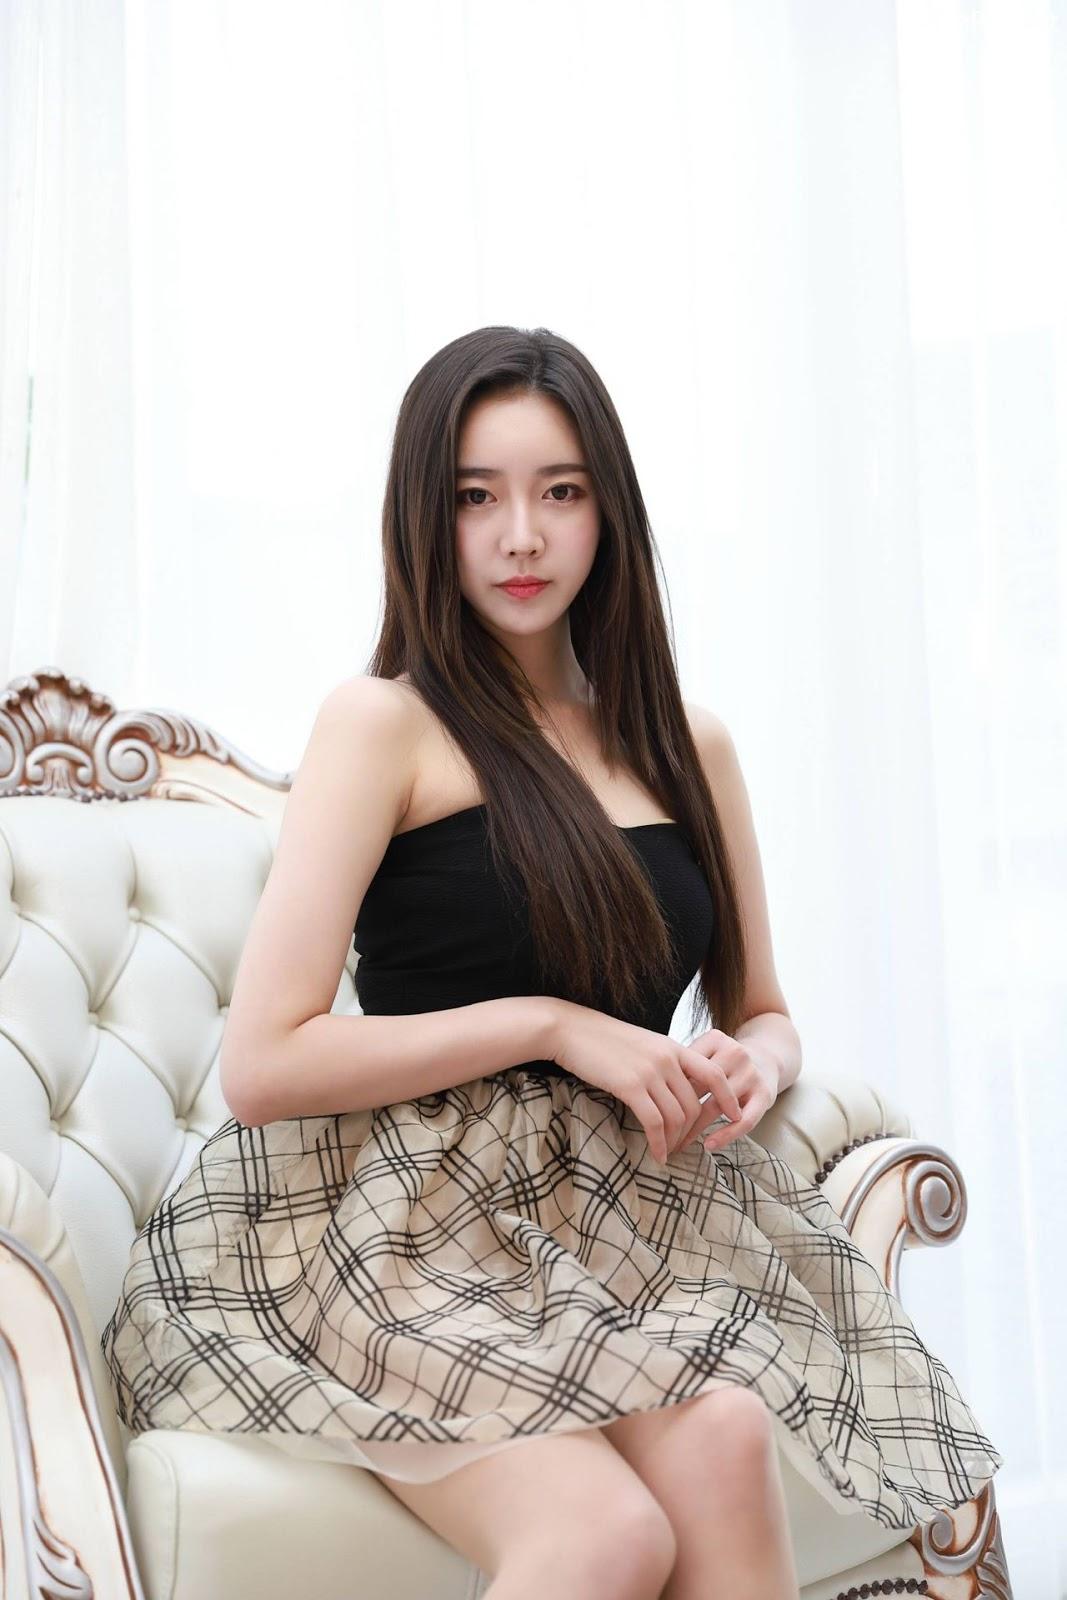 Image-Korean-Hot-Model-Go-Eun-Yang-Indoor-Photoshoot-Collection-TruePic.net- Picture-1